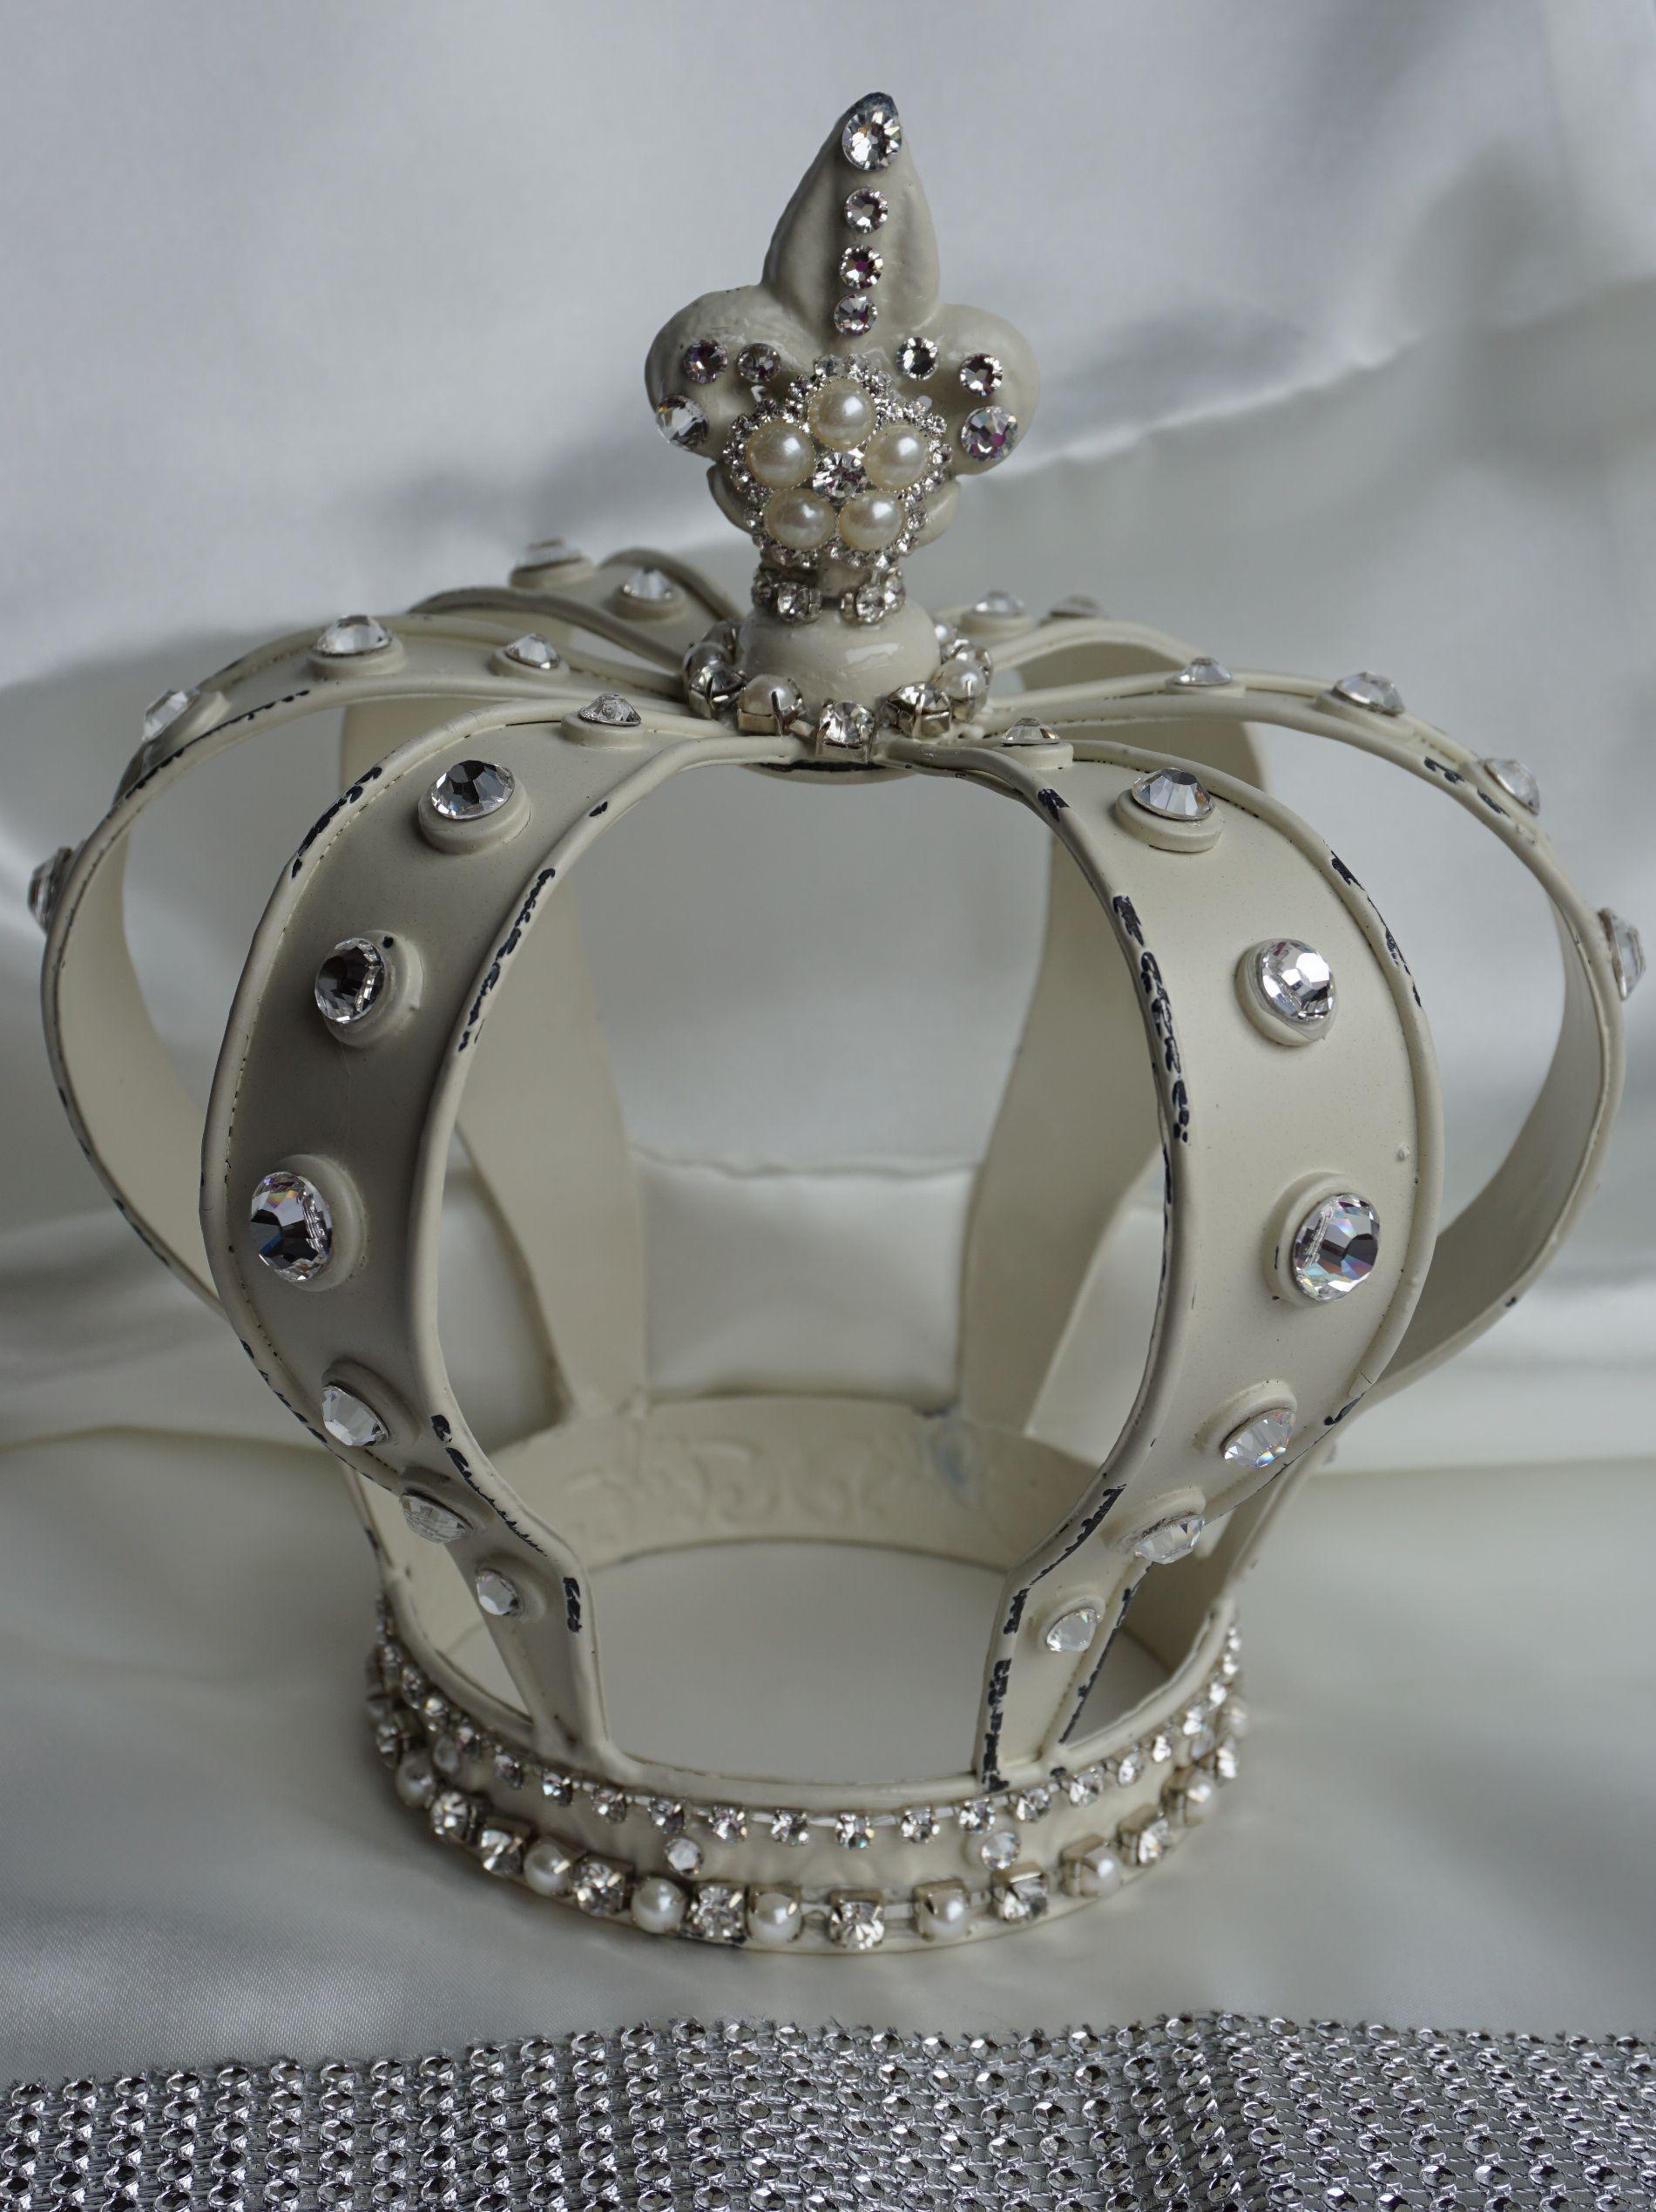 Vintage Glam Crowns On Pinterest Crowns Vintage Dress